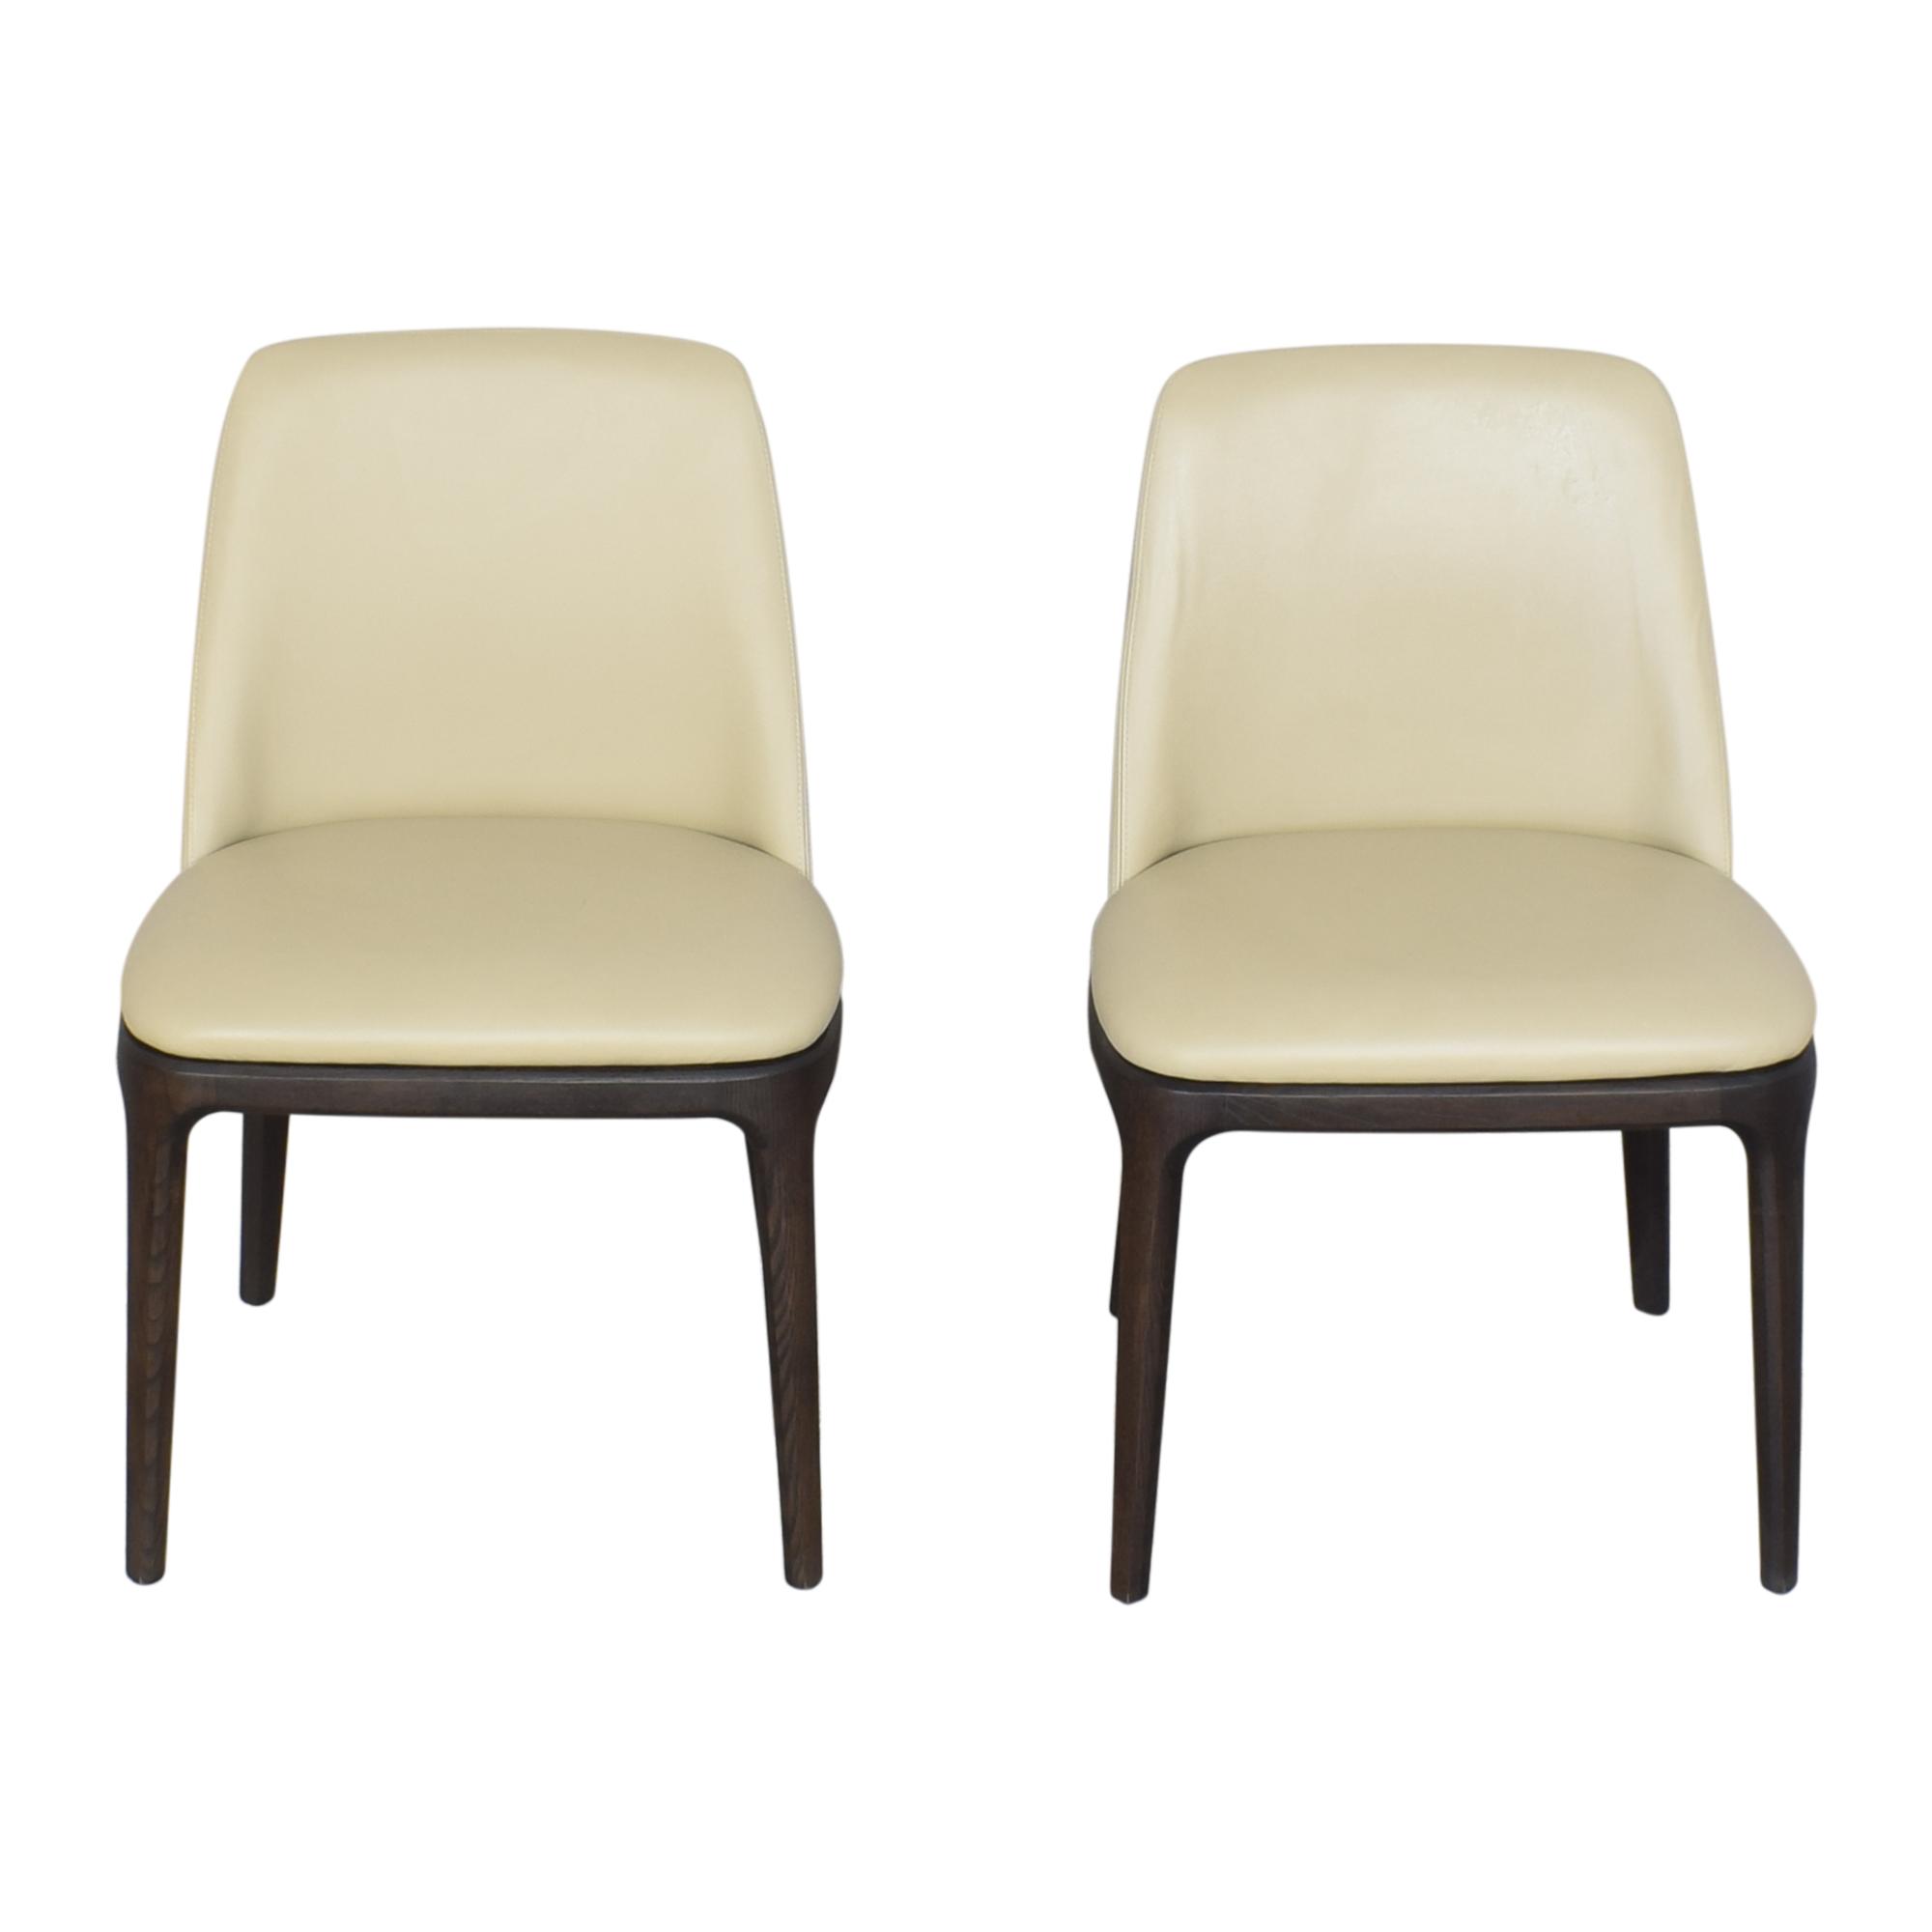 Poliform Poliform Grace Chairs discount